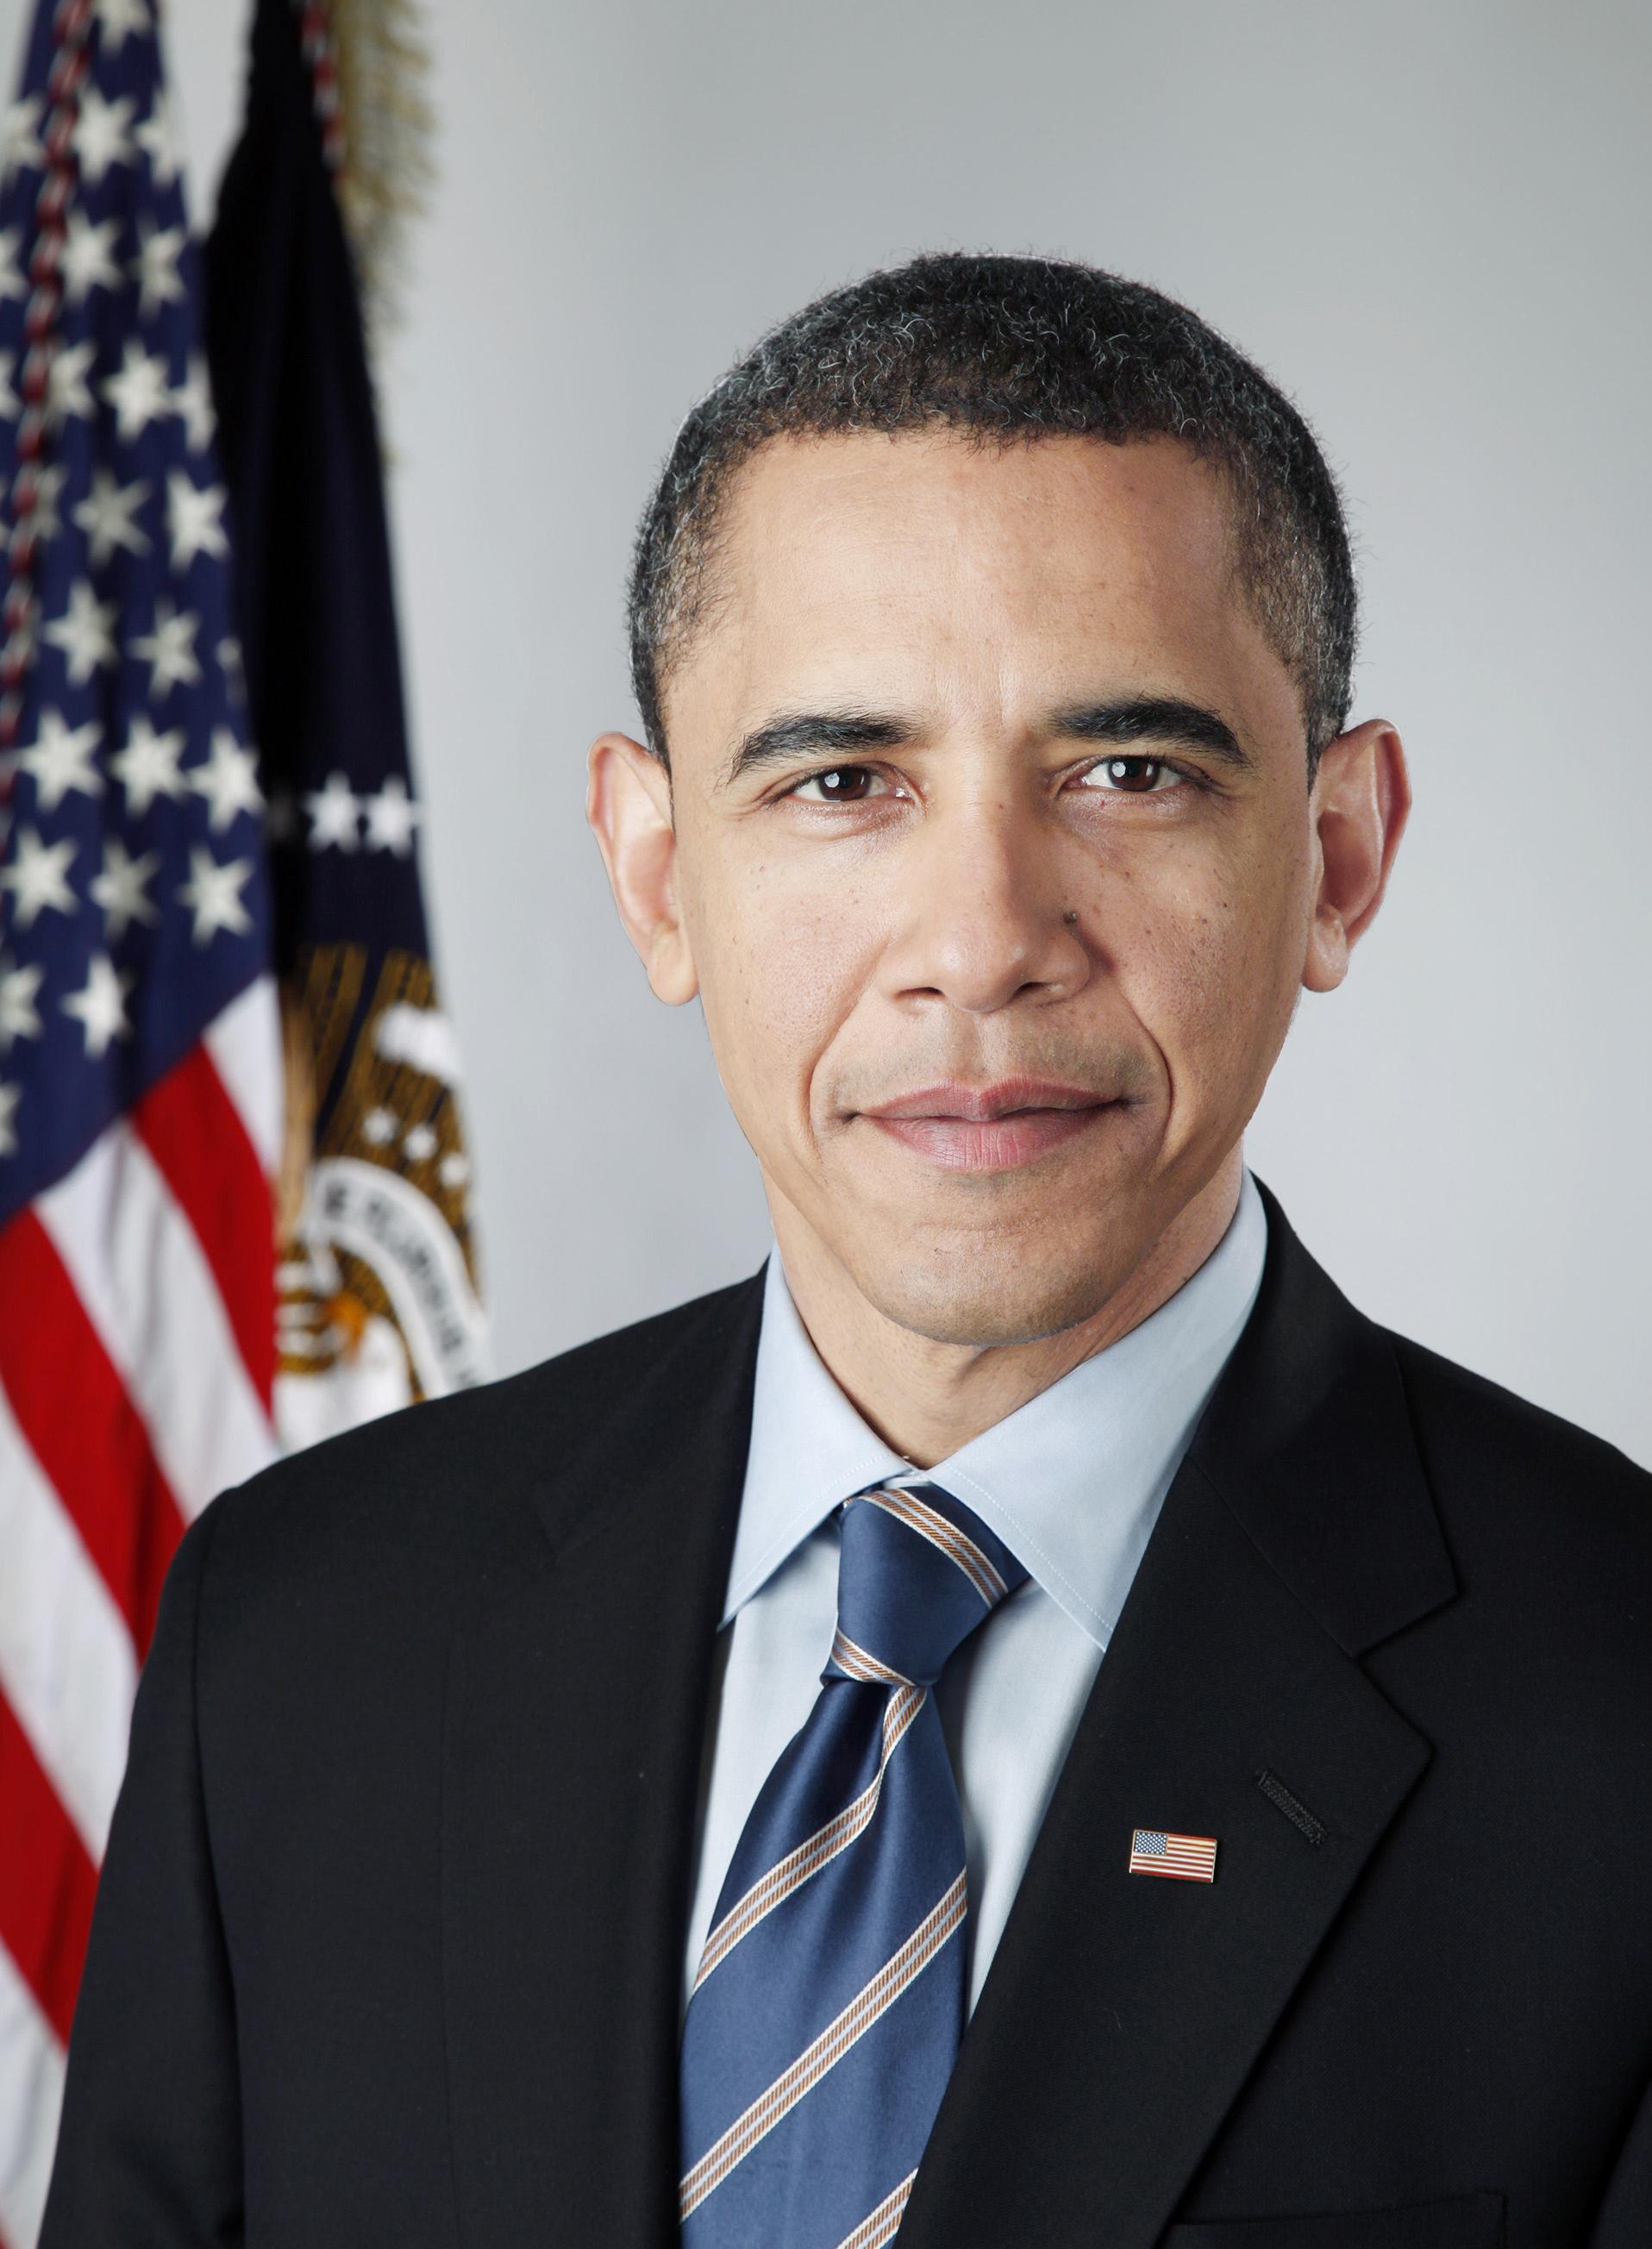 Obama 290.jpg